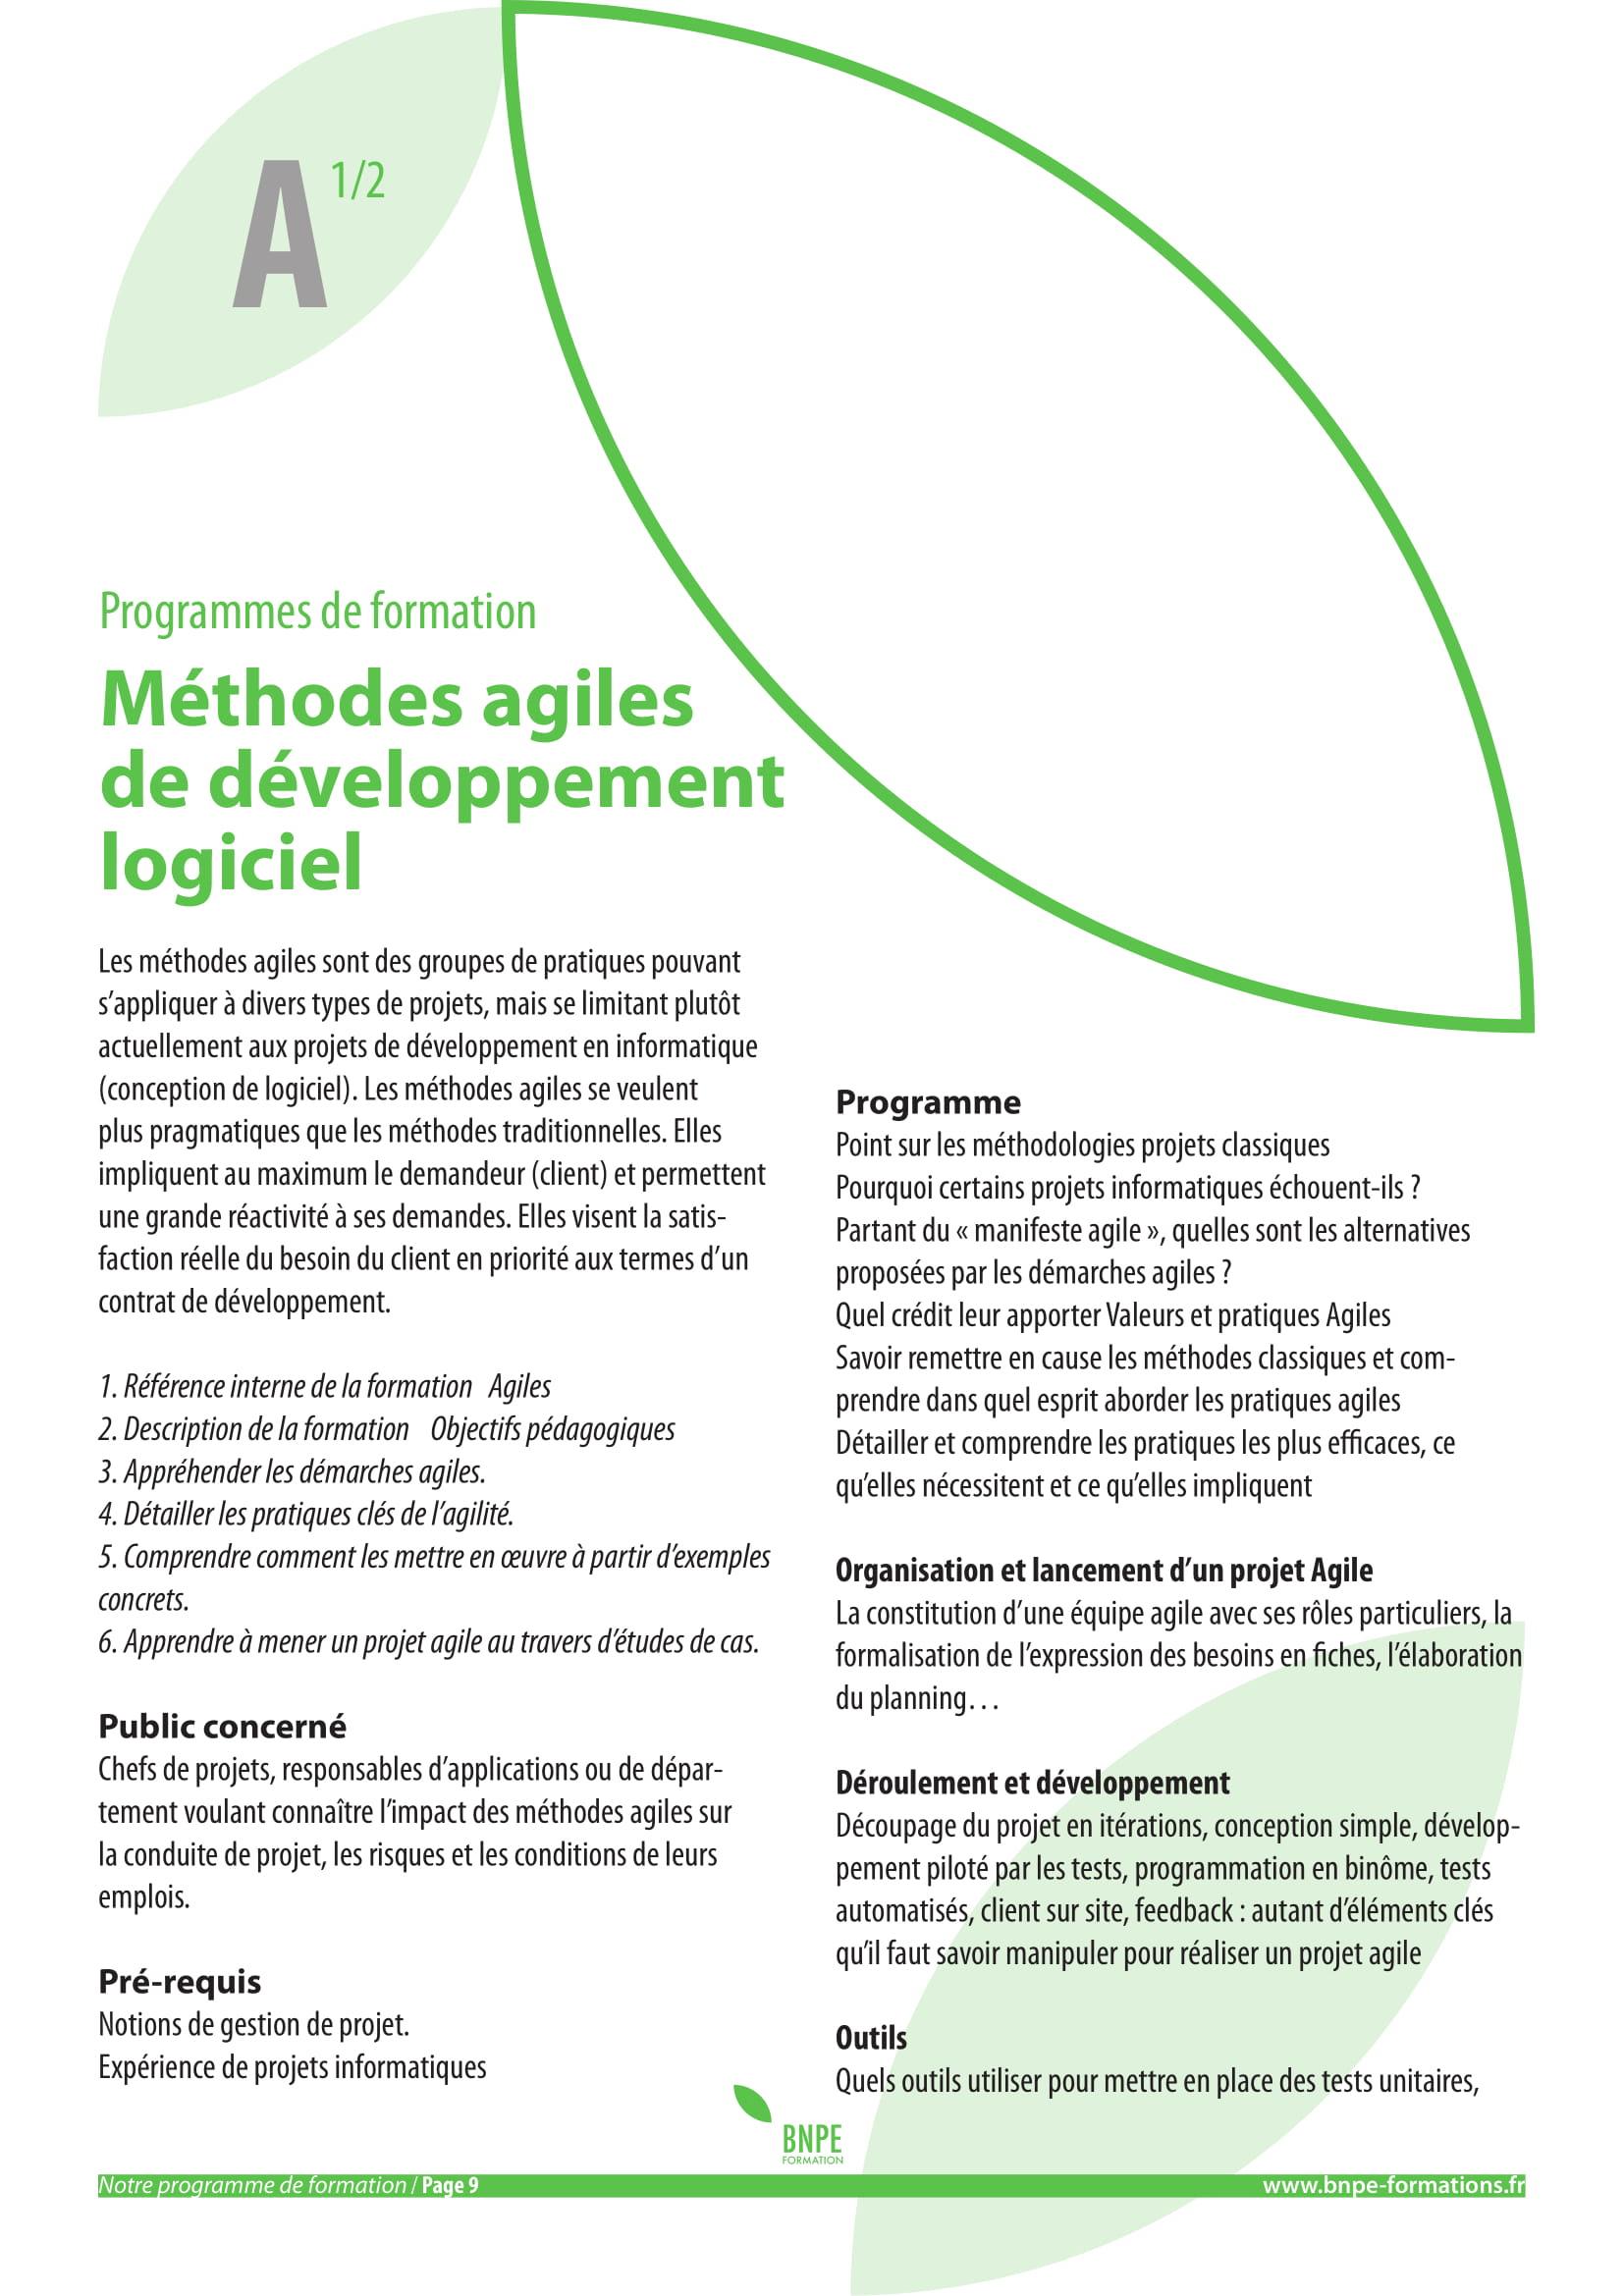 Méthodes Agiles De Développement Logiciel Bureau National Pour L